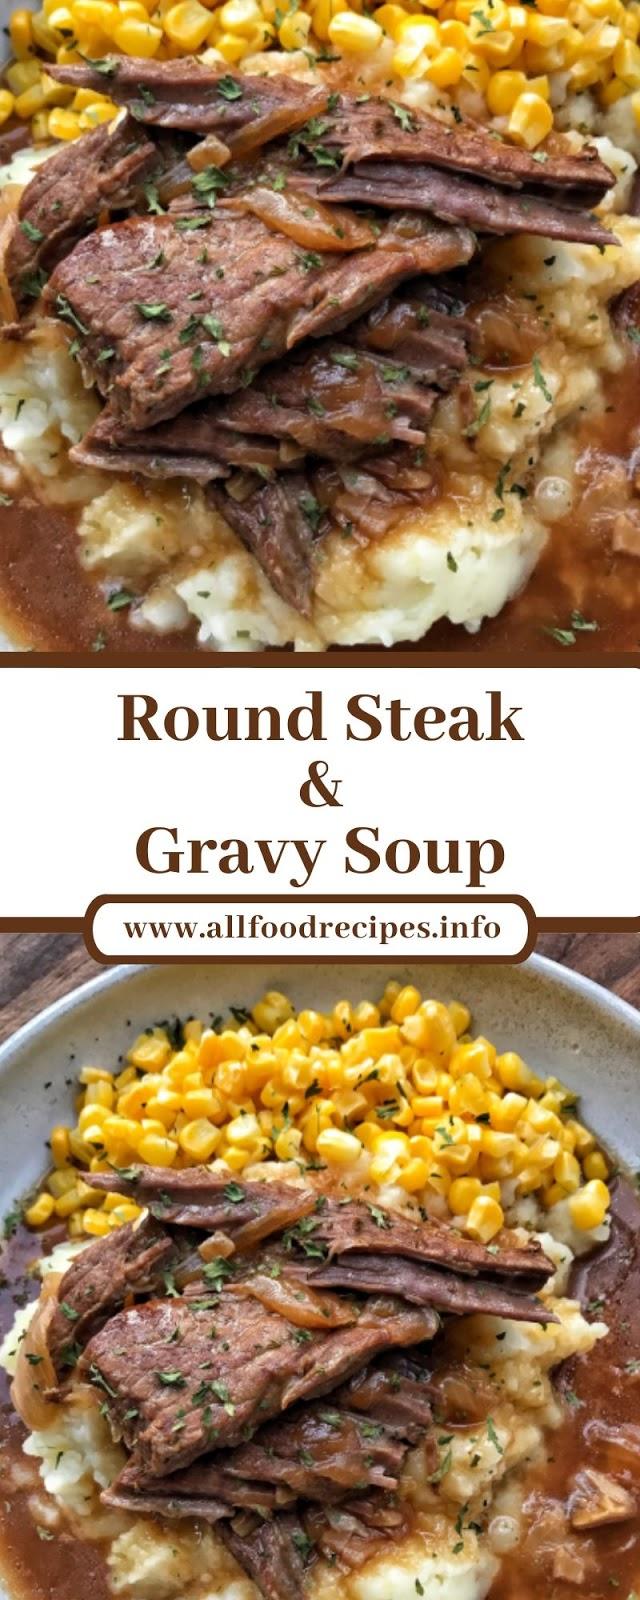 Round Steak & Gravy Soup